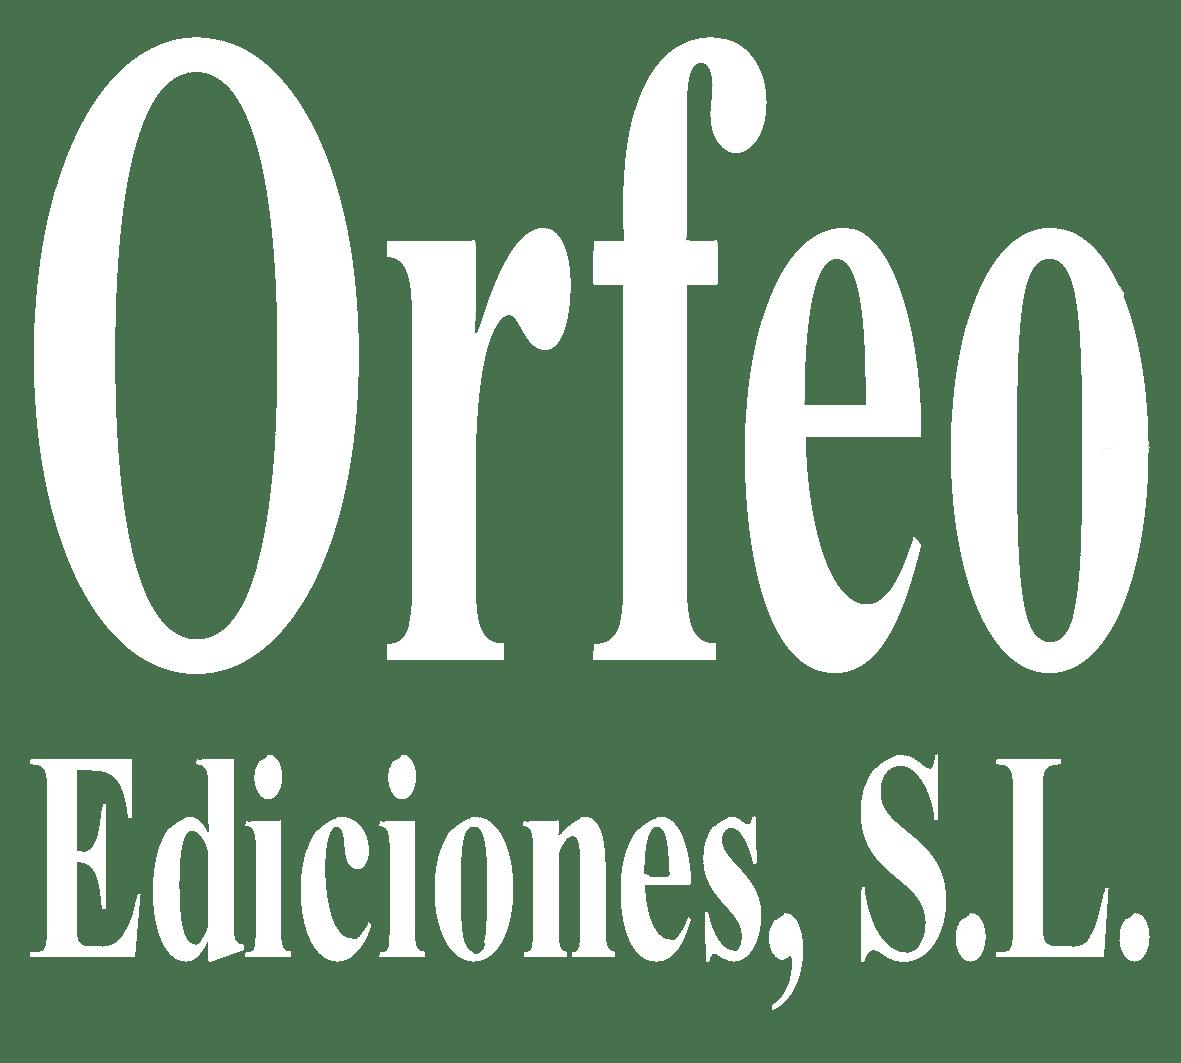 orfeo ed logo